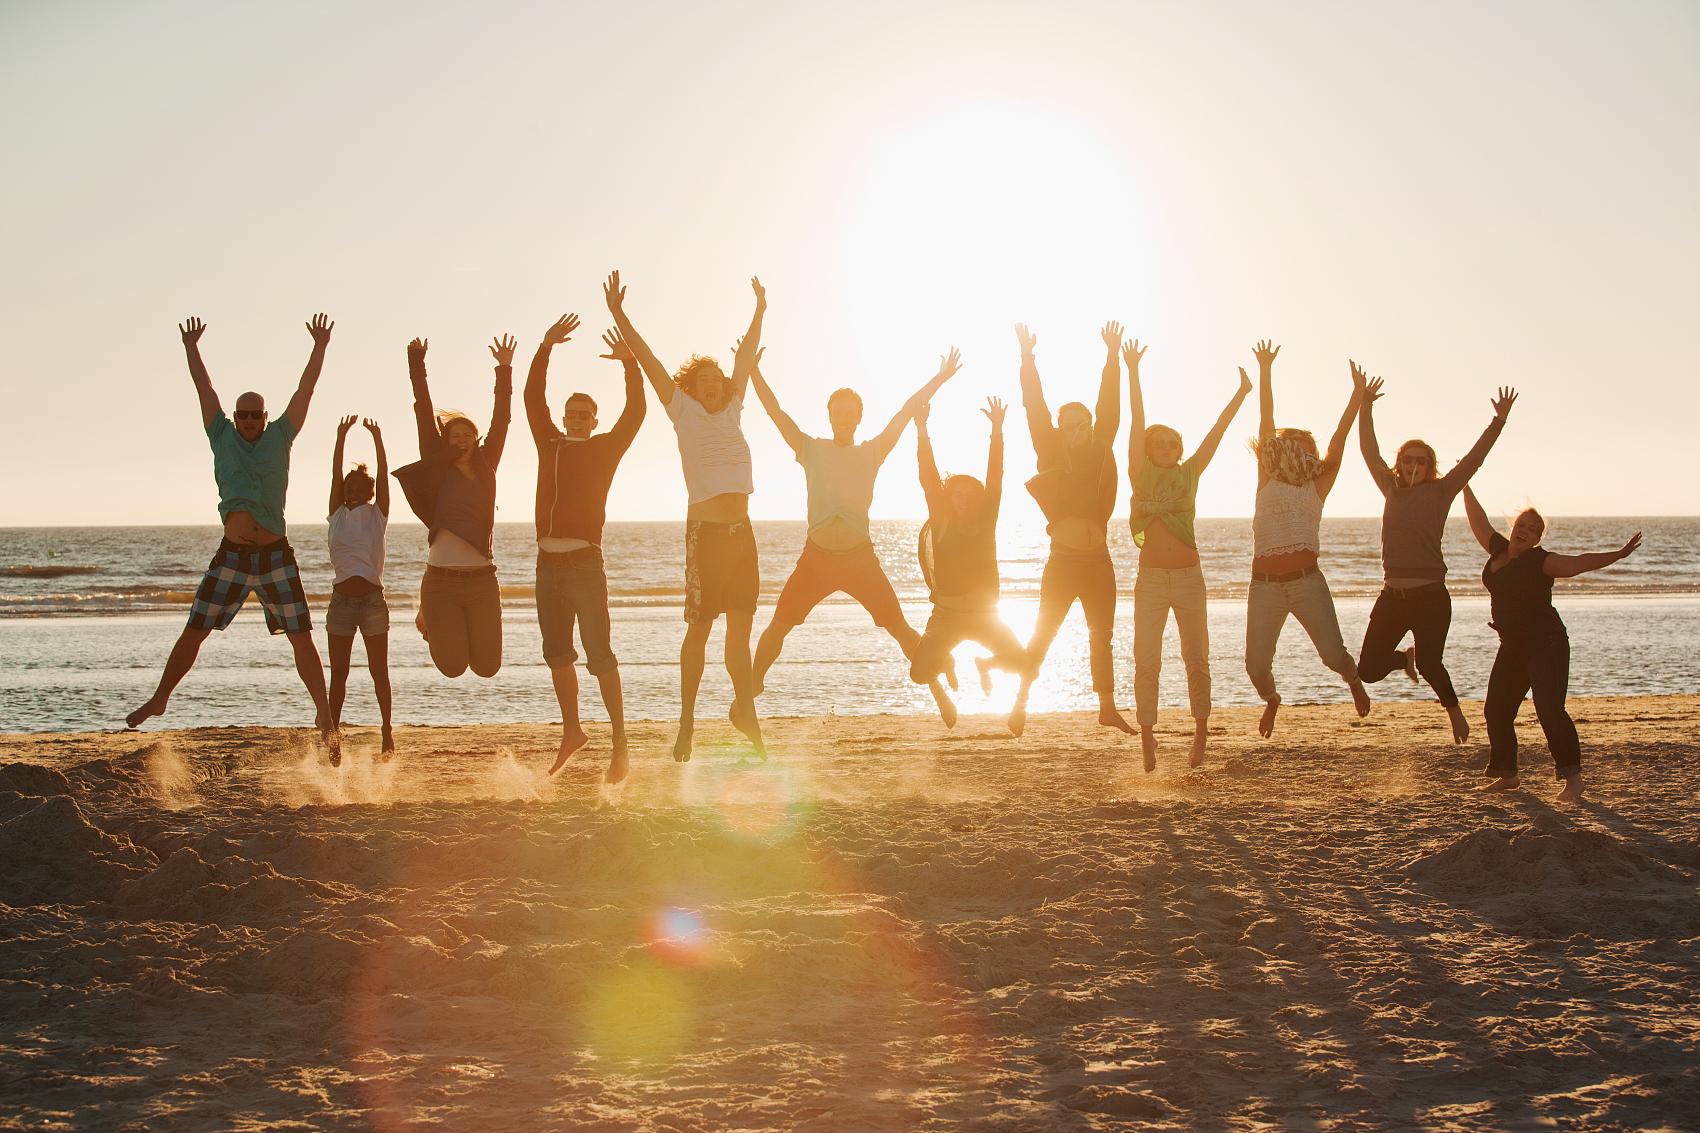 暑假结束了,今年的研学游市场还好吗?